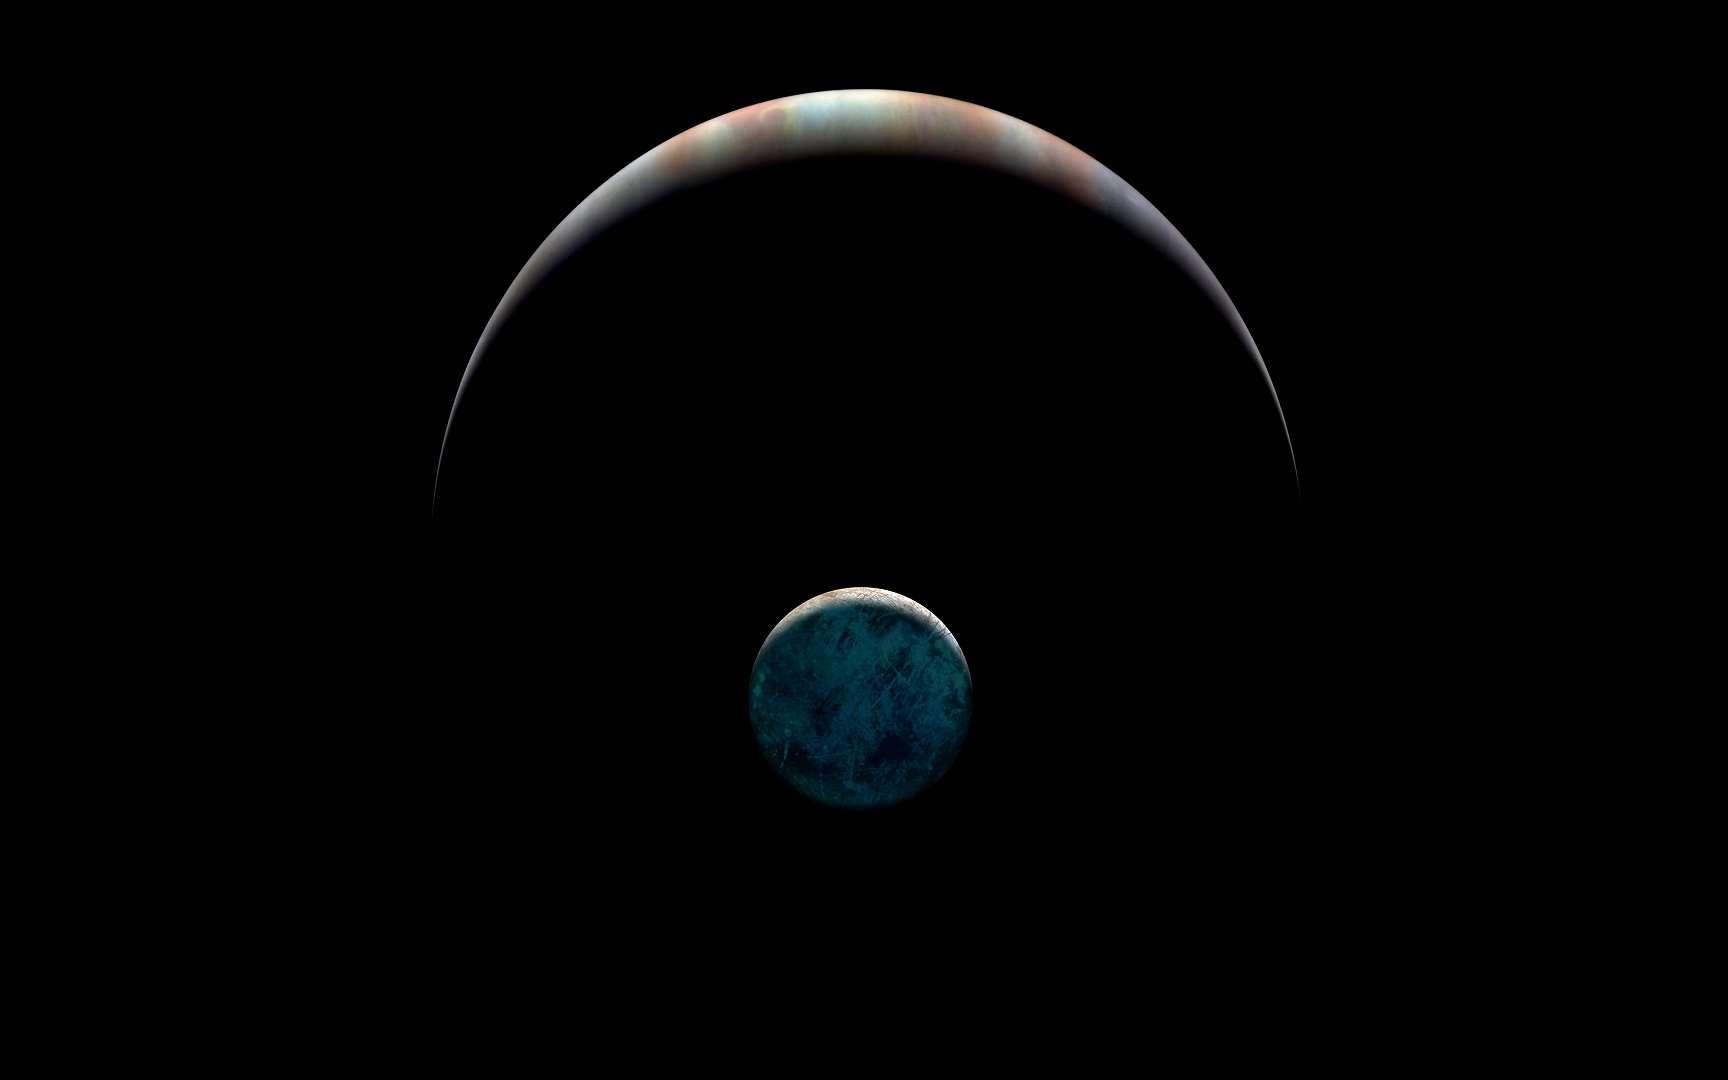 Cette image combine de vraies photographie avec une illustration de la lune de Jupiter, Europe, montre comment sa surface glacée peut briller sur sa face nocturne, le côté opposé au Soleil. Les variations de la lueur et de la couleur de la lueur elle-même pourraient révéler des informations sur la composition de la glace à la surface d'Europe. © Ted Stryk, Paul Schenk, Paul Byrne